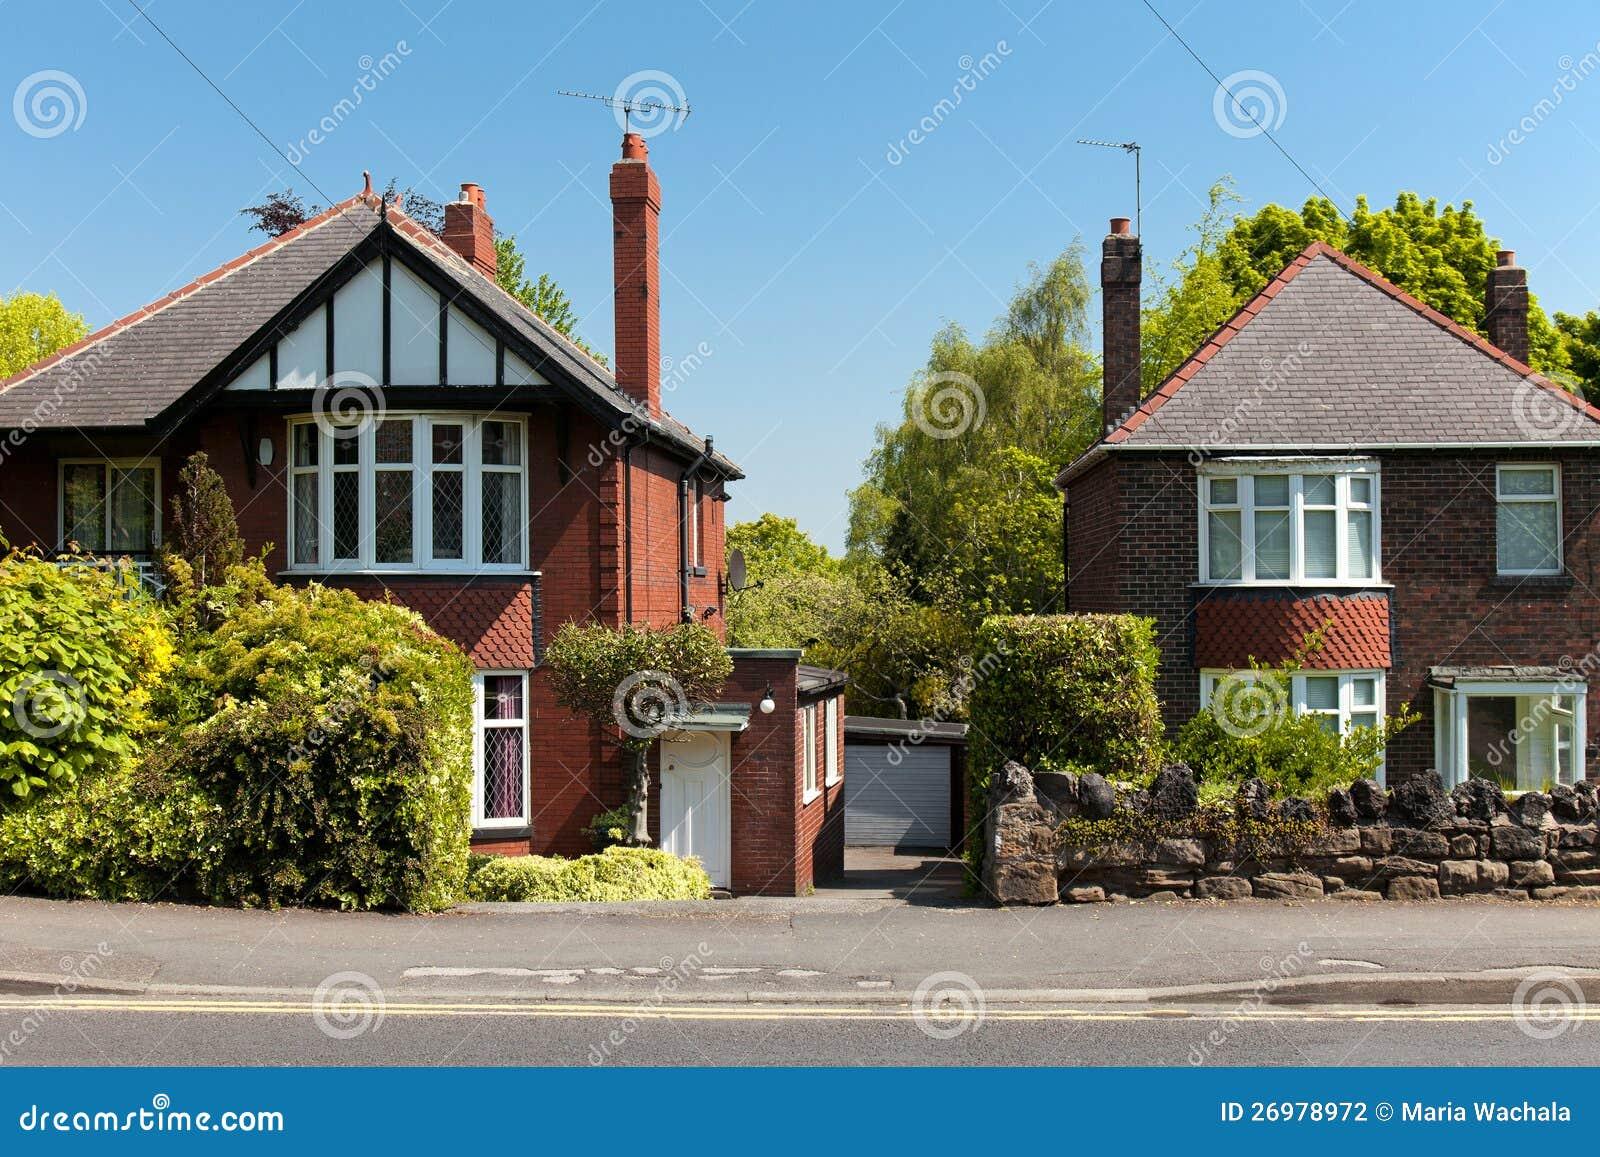 Casas inglesas t picas fotograf a de archivo imagen 26978972 - Imagenes de casas inglesas ...